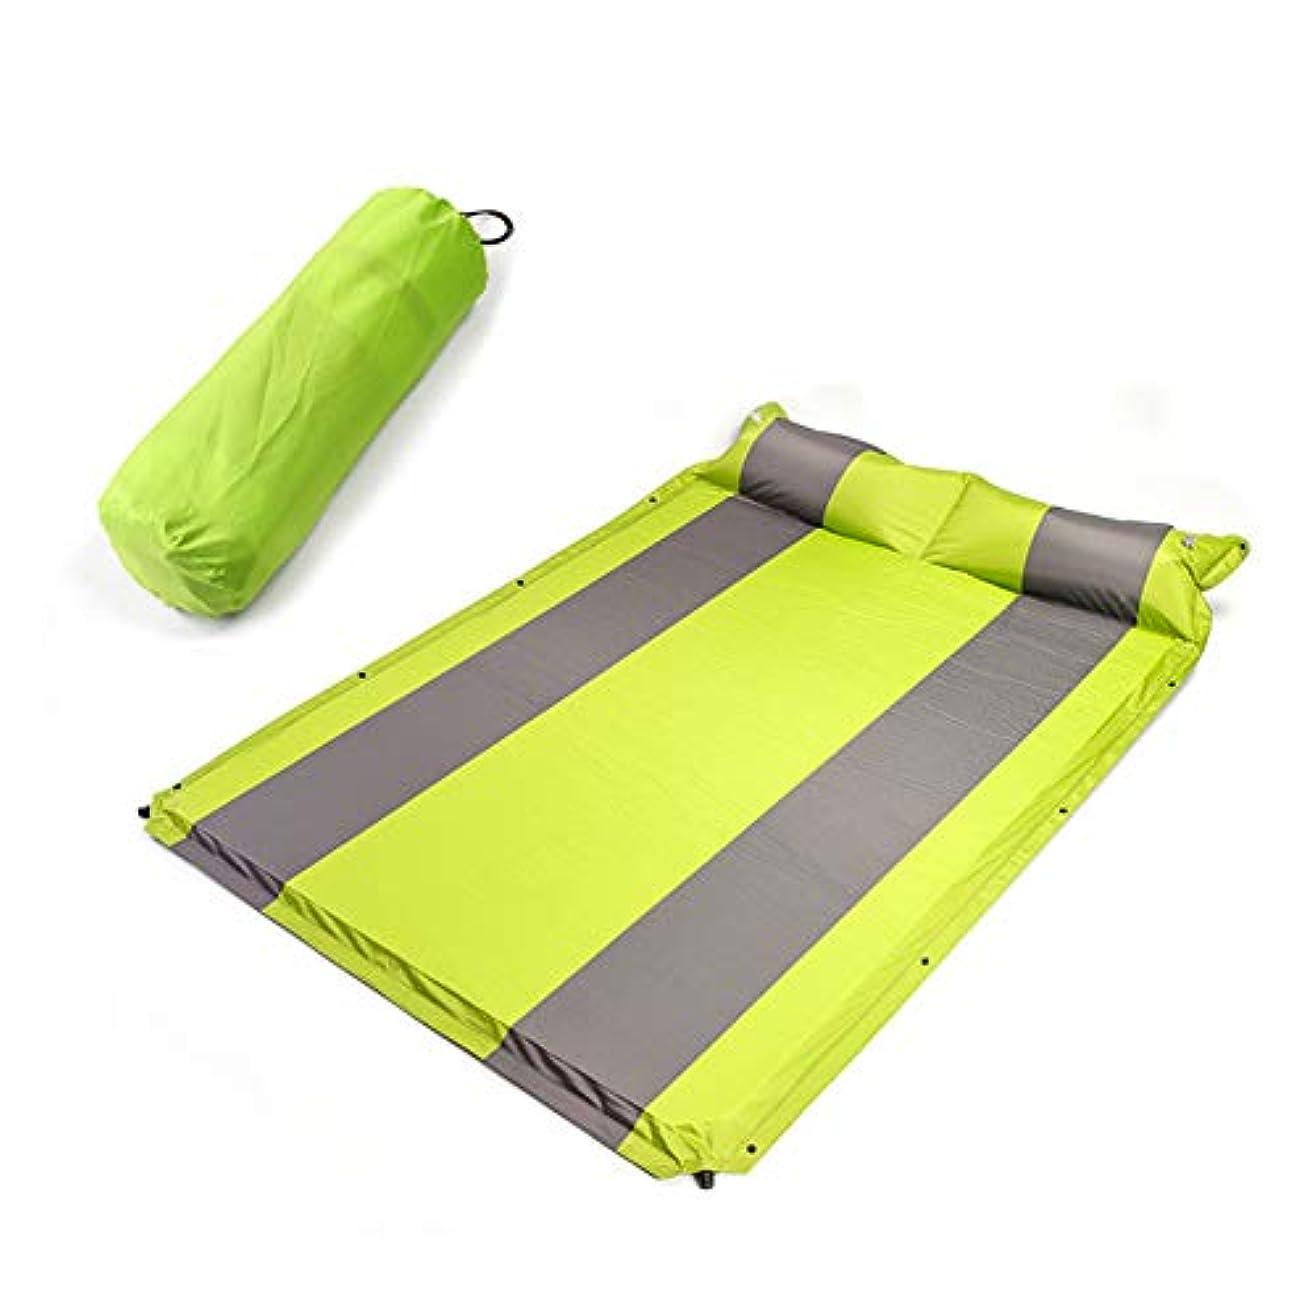 インチバーチャル骨スリーピングパッド自己膨張スリーピングマットエアパッド屋外キャンプ防湿膨らませキャンプ/ハイキング屋外2人用,A